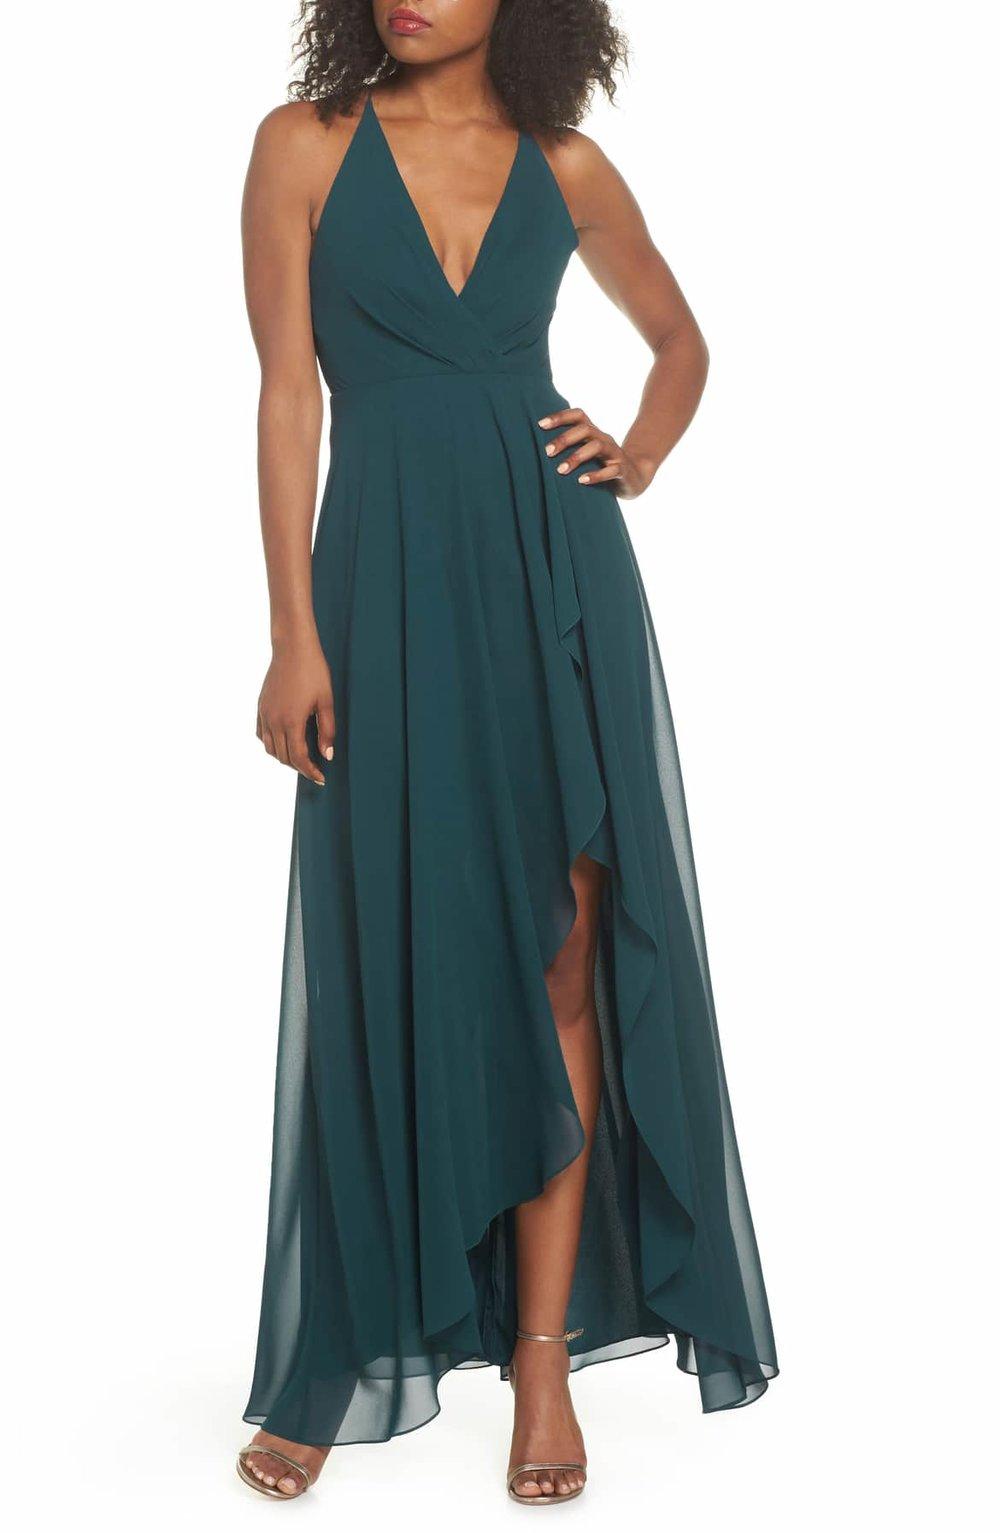 jenny yoo Farrah Ruffle Skirt Chiffon Gown - $275.00